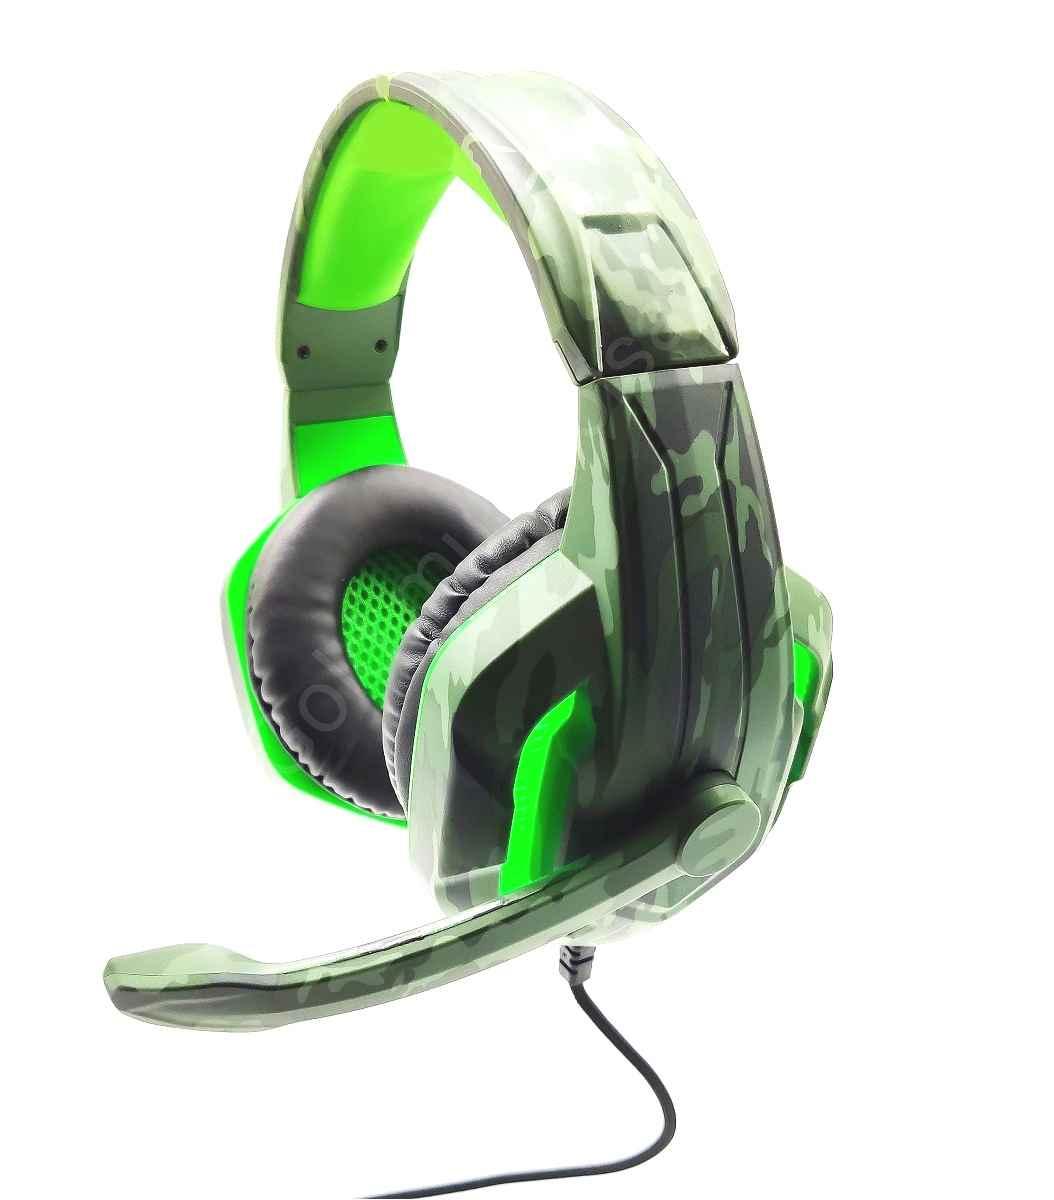 Headset Gamer Fone Profissional Camuflado Compatível C/Celular Ps4 Xbox One TecDrive PX-4 Selva